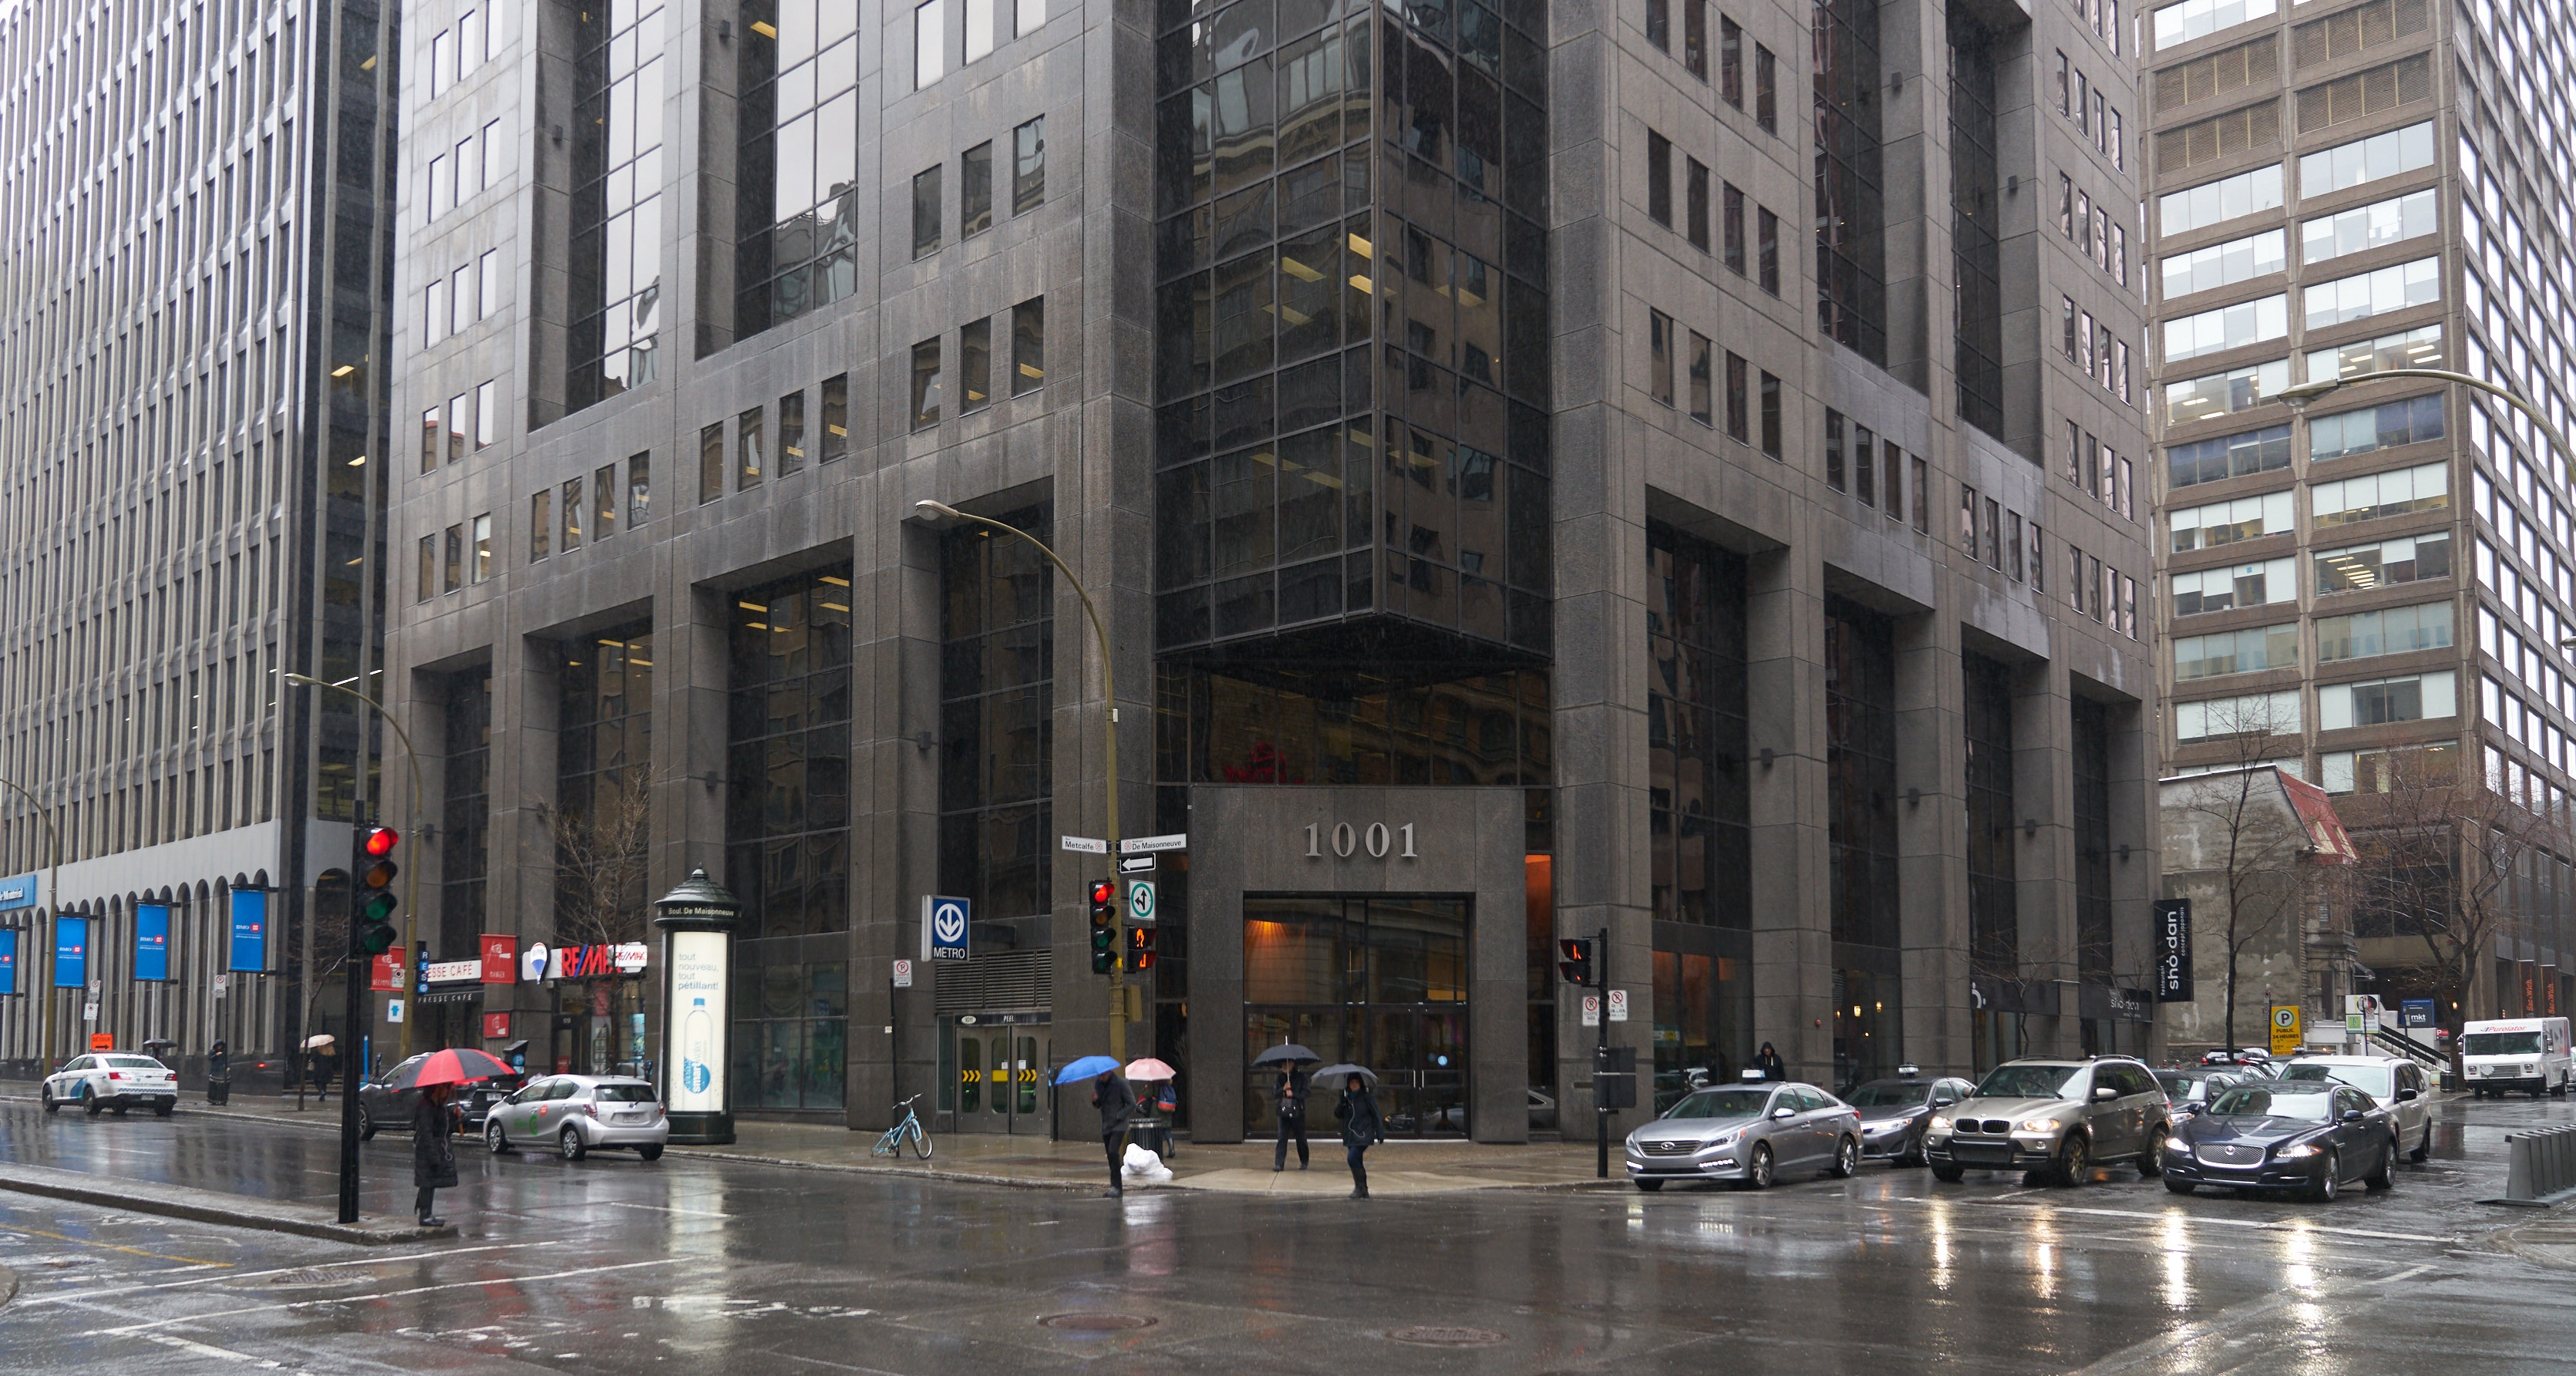 Downtown montr al travel clinic passport health - Piscine maisonneuve montreal quebec rouen ...